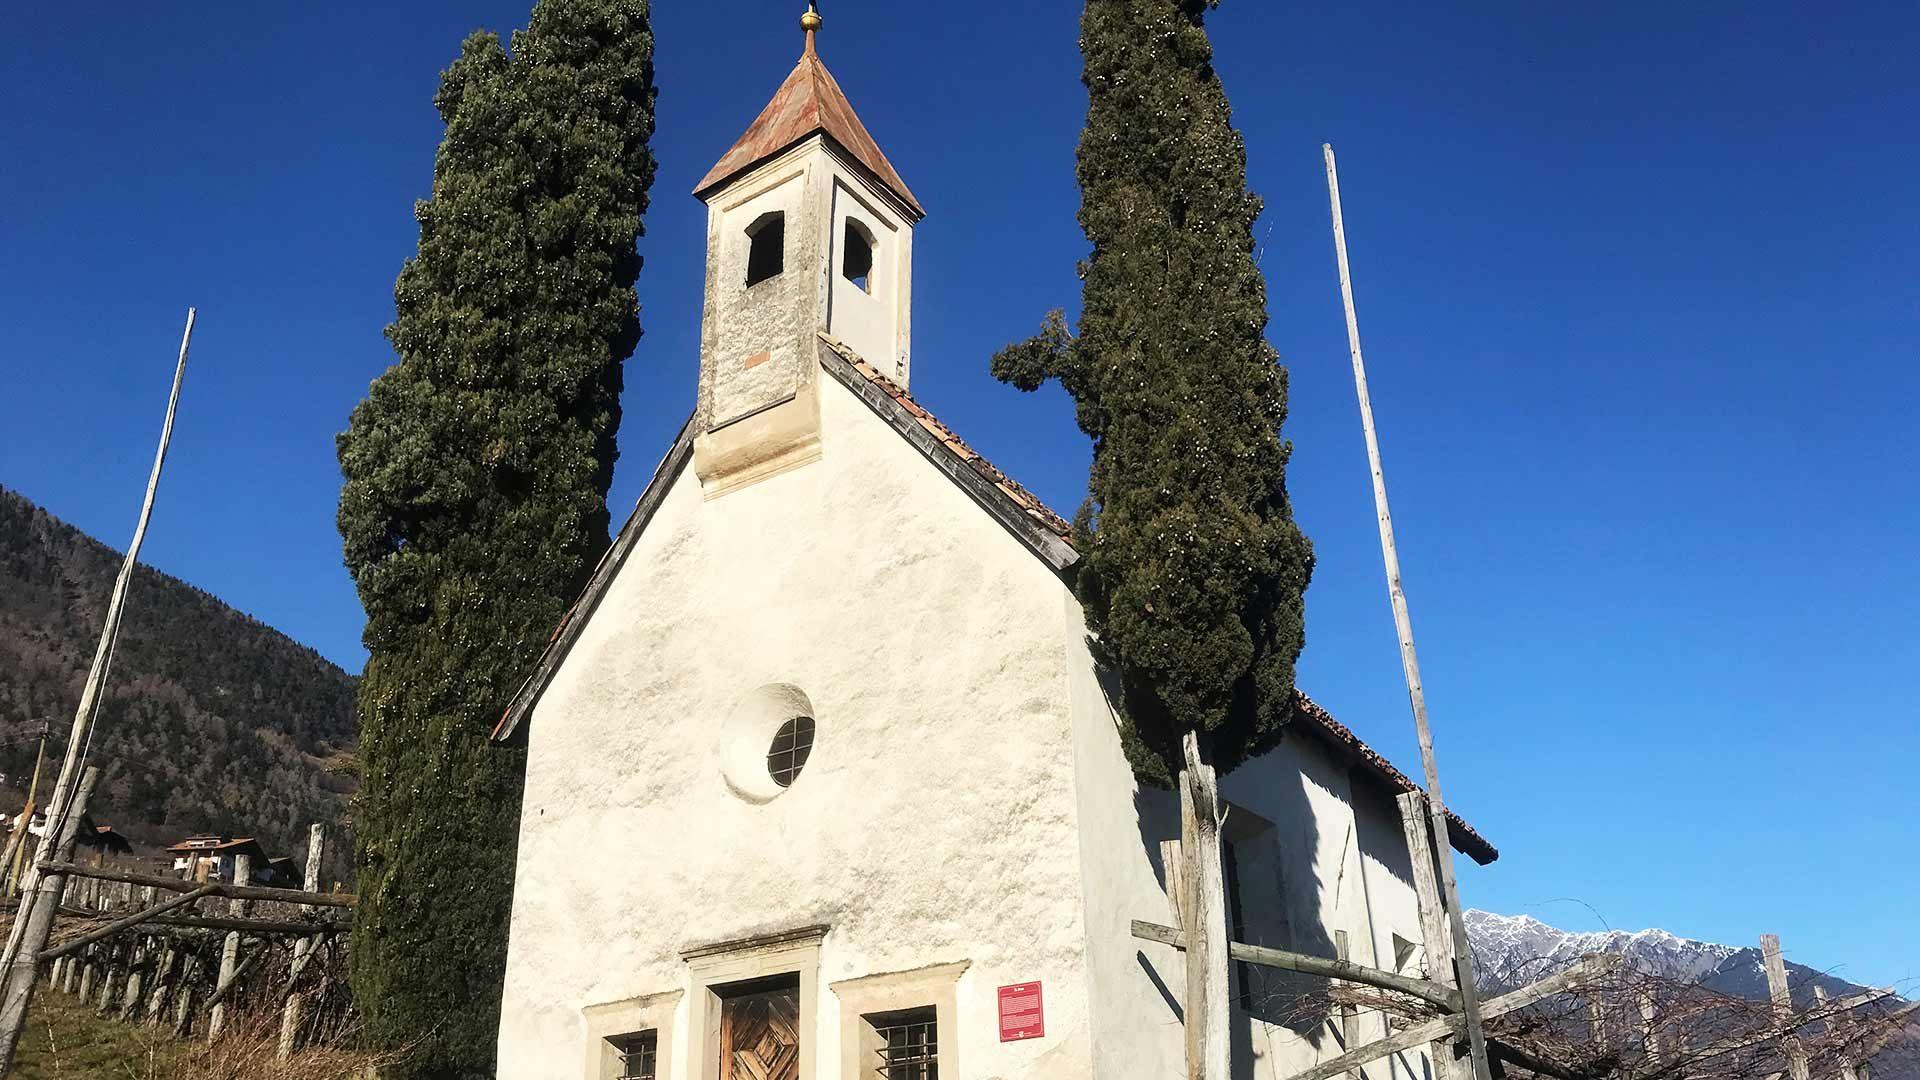 St. Anna Kirche in Tscherms